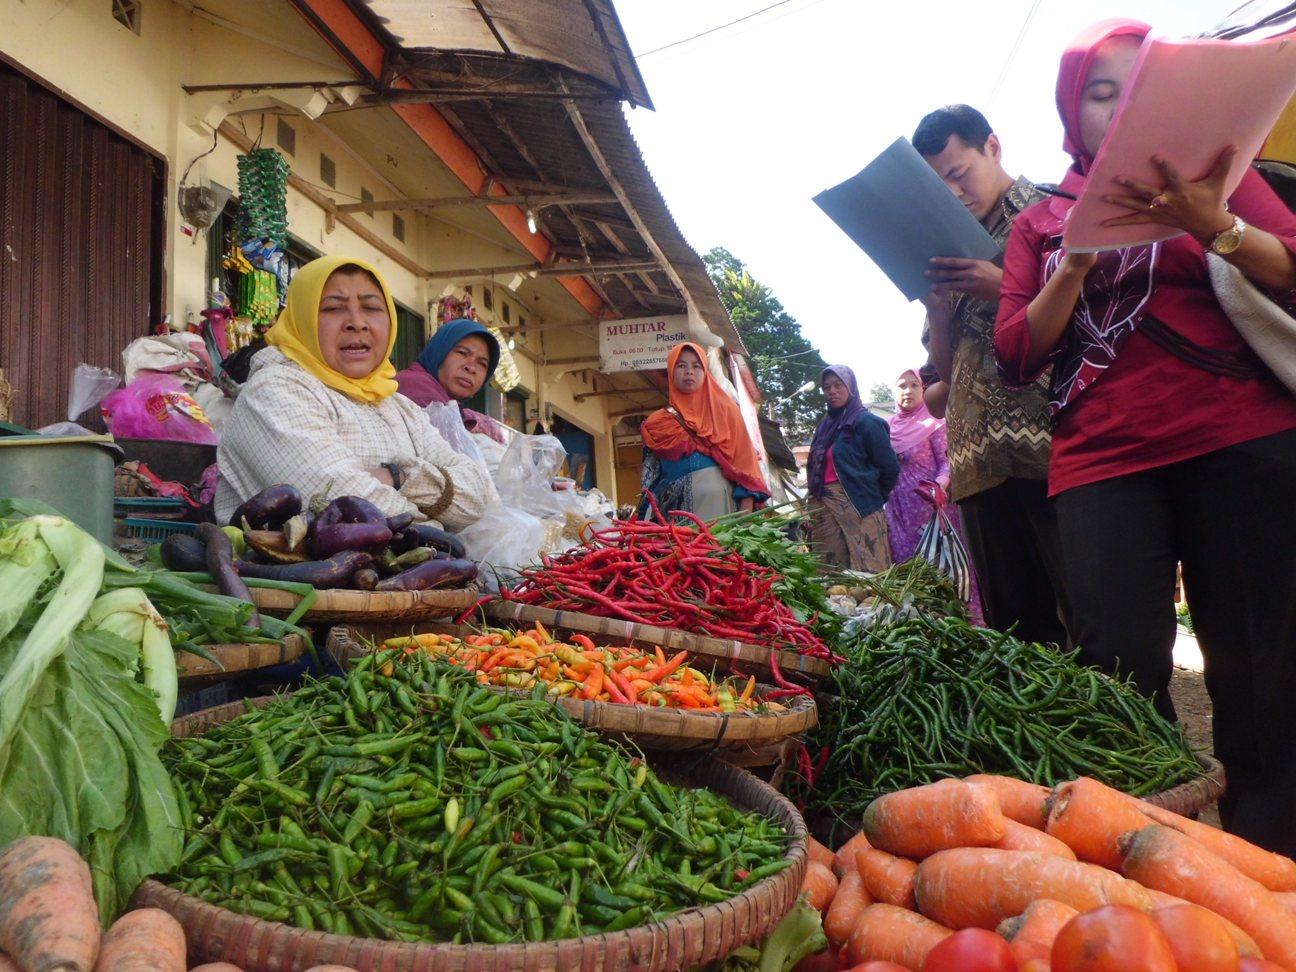 Harga Kepokmas Pasar Tradisional Wajar Wonosobozone Tpid Mencatat Perubahan Terjadi